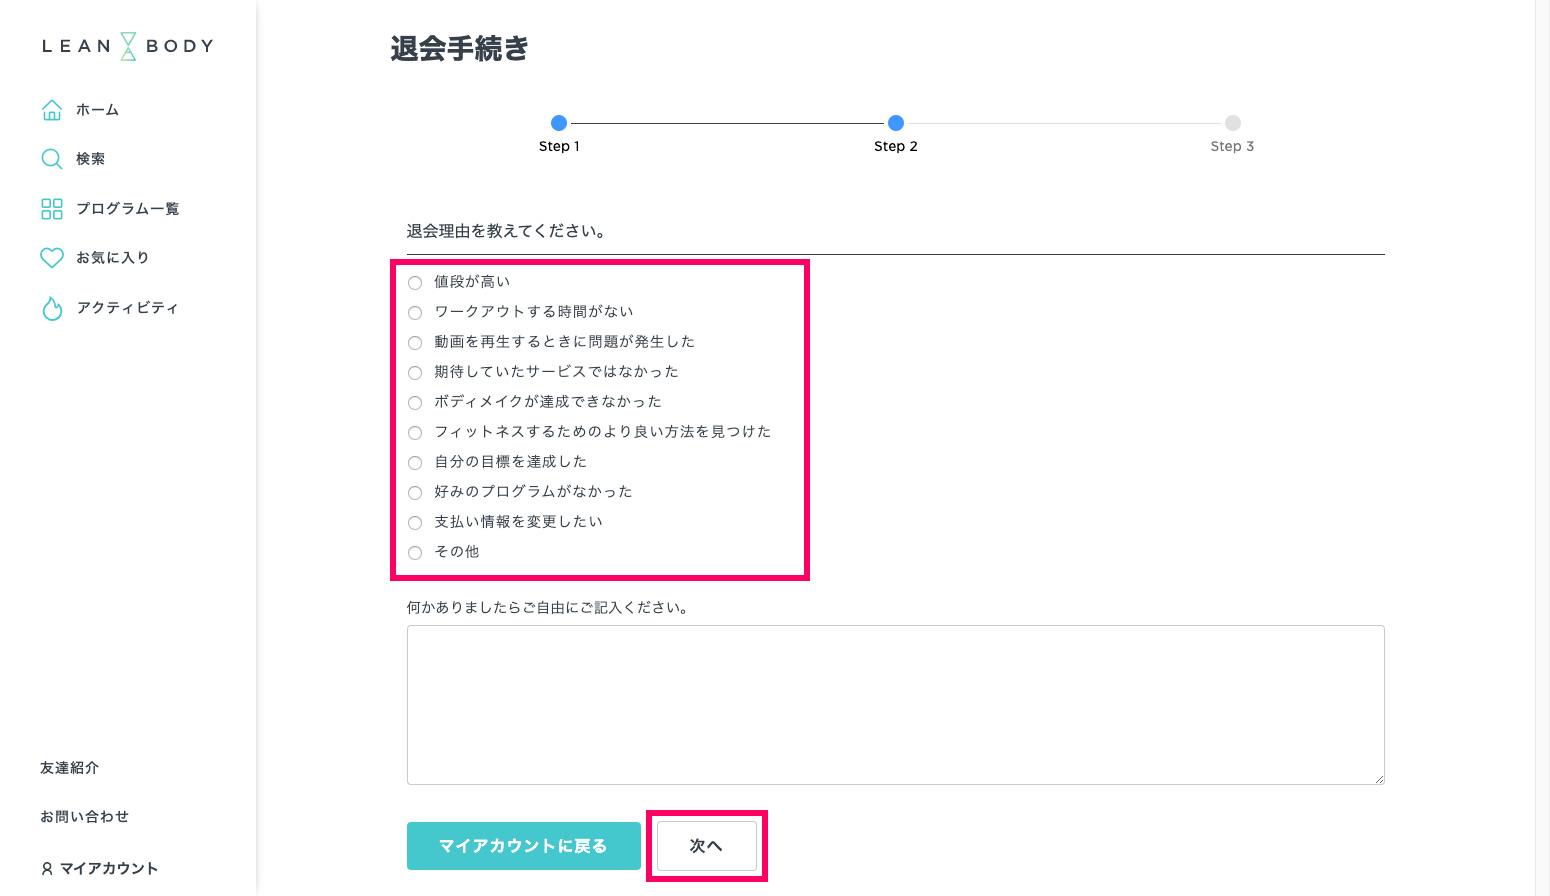 LEAN BODY 退会・解約方法